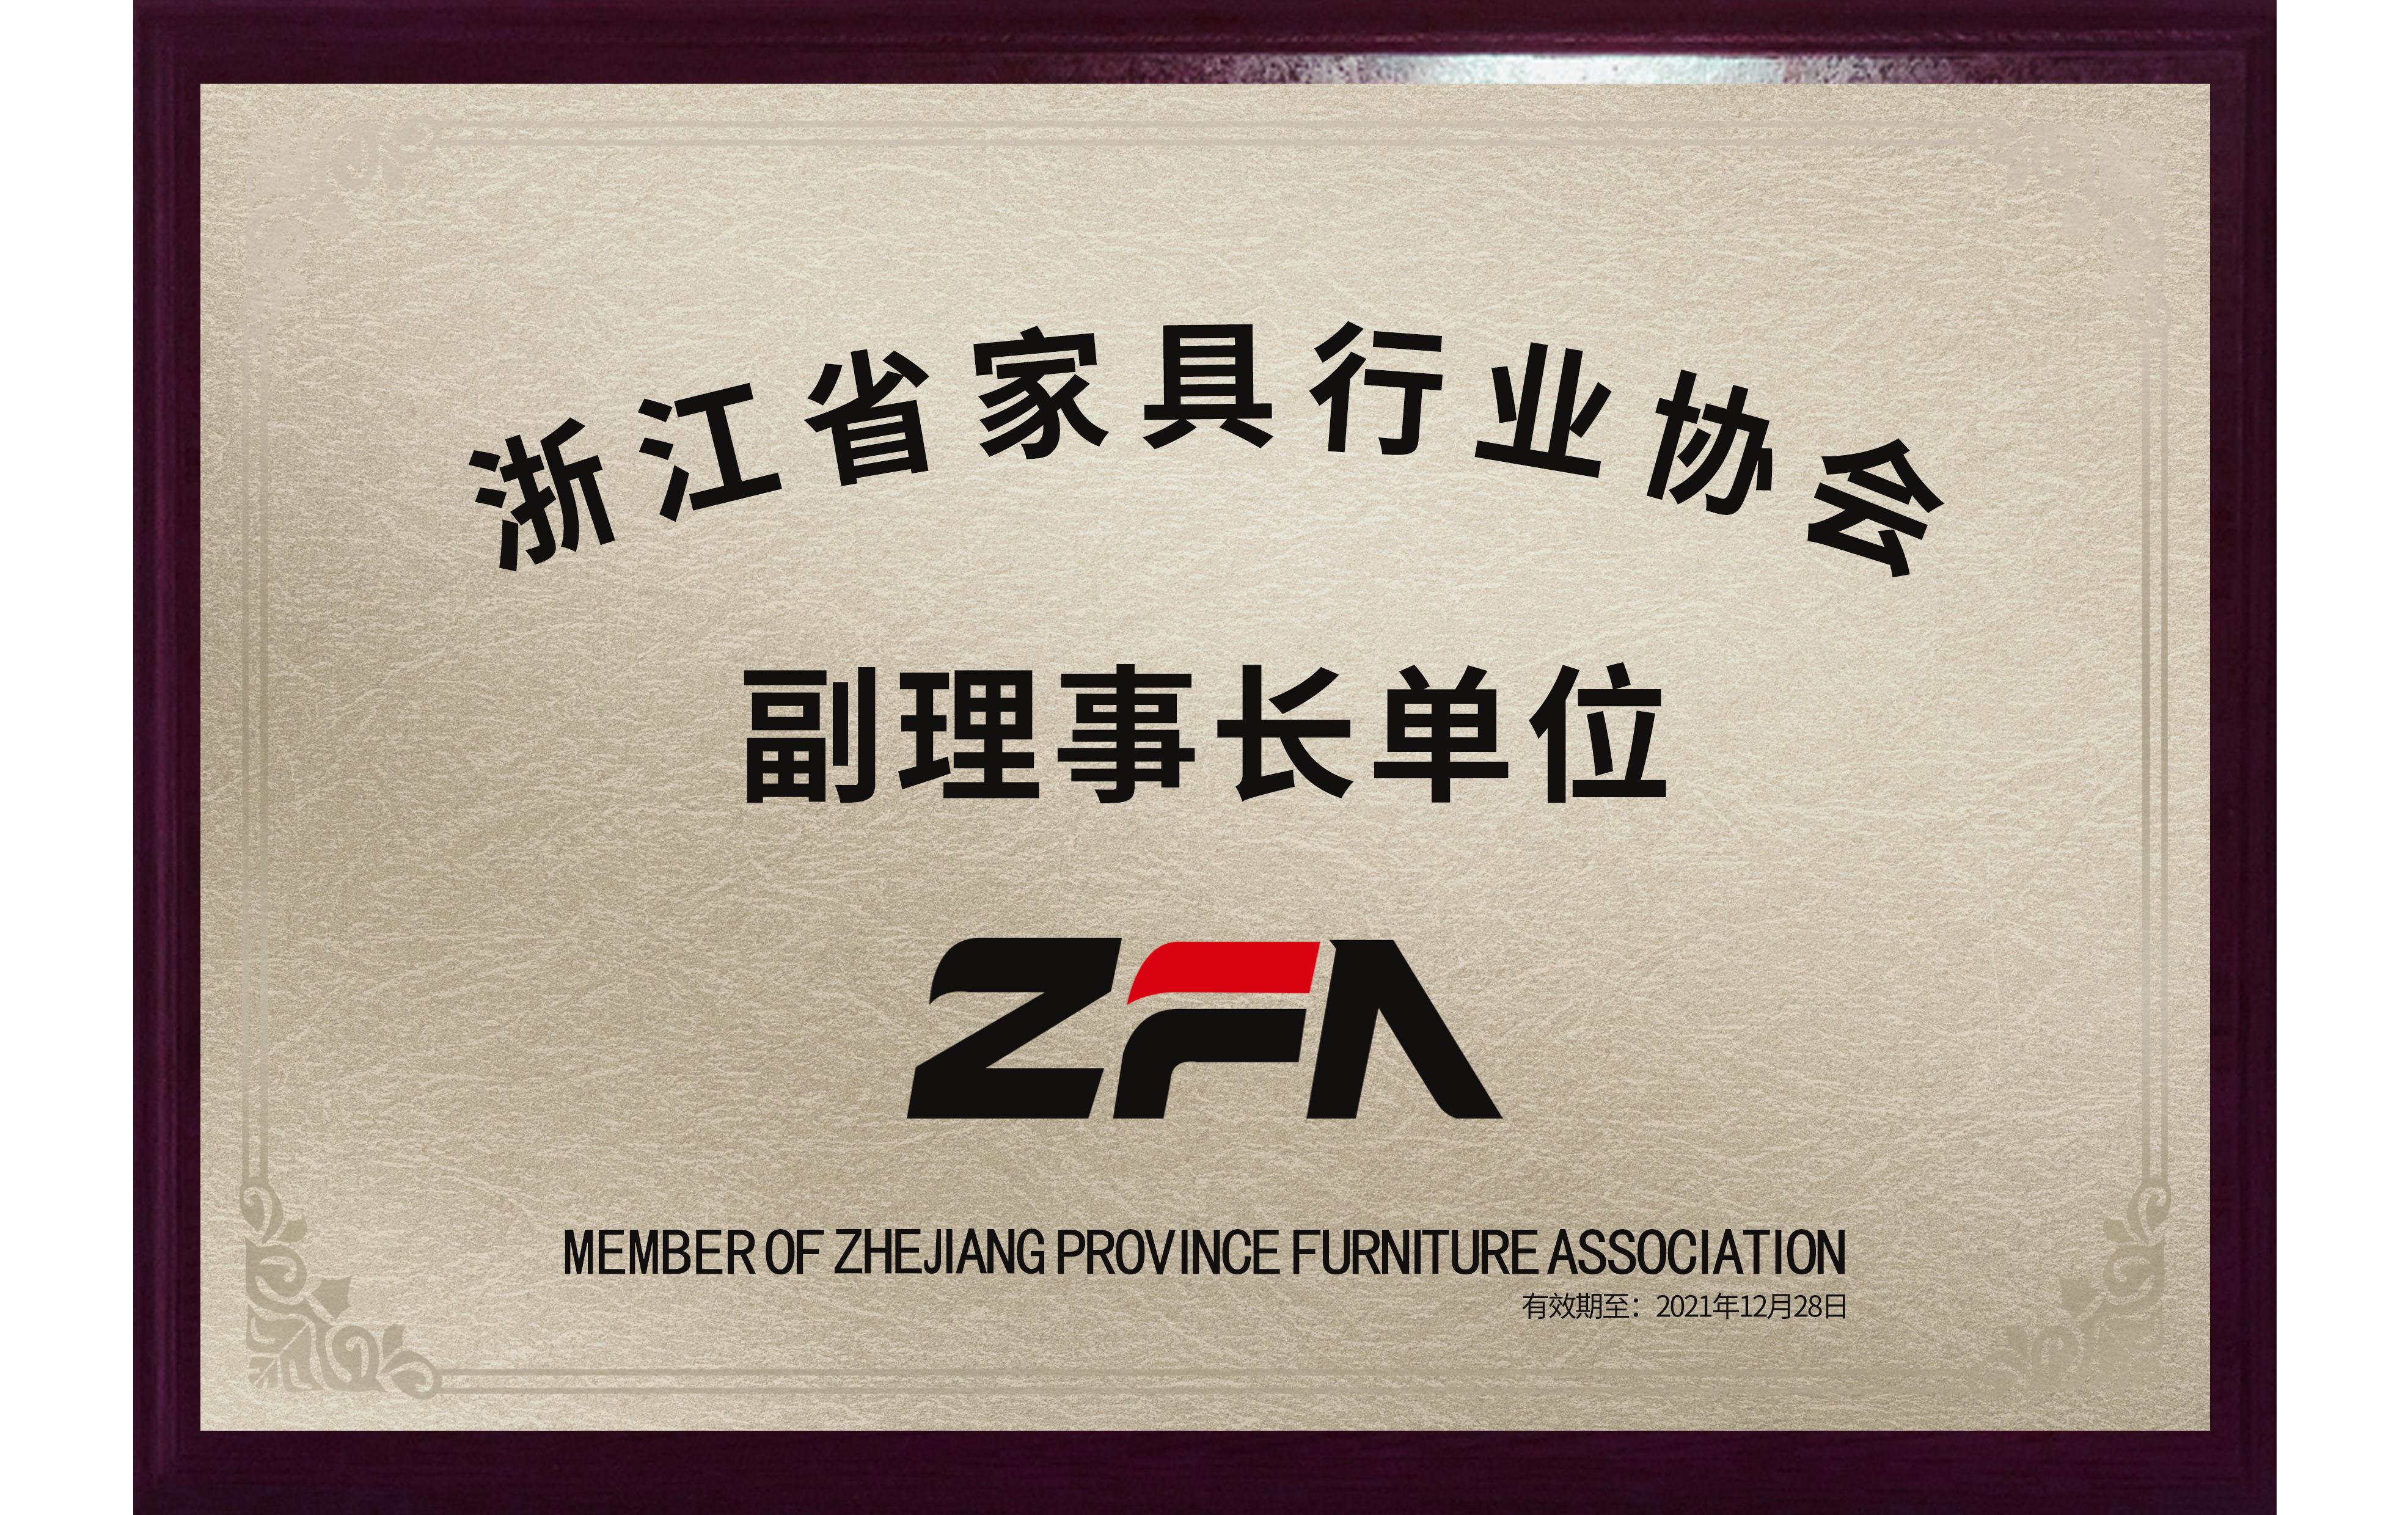 载誉前行!护童科技成为浙江省家具行业协会理事会副理事长单位